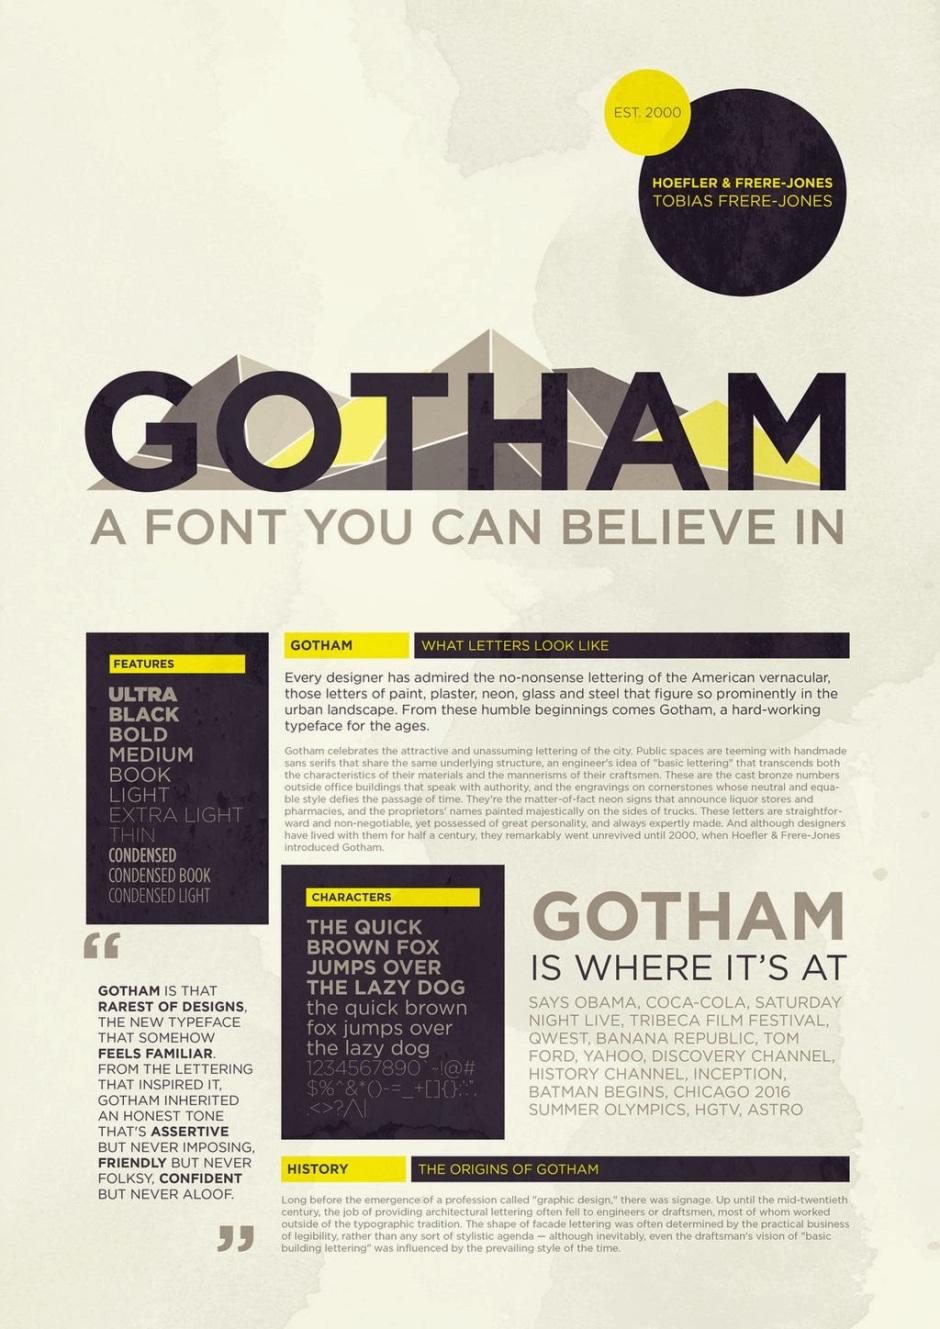 gotham_by_graffyty-d3ct48v.jpg